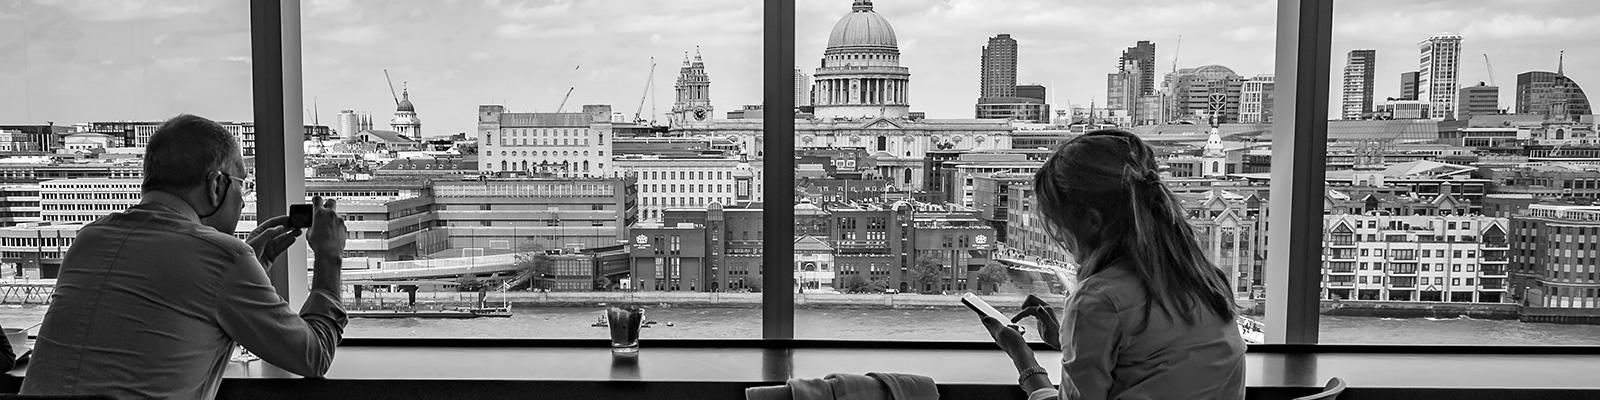 ロンドン 人々 イメージ